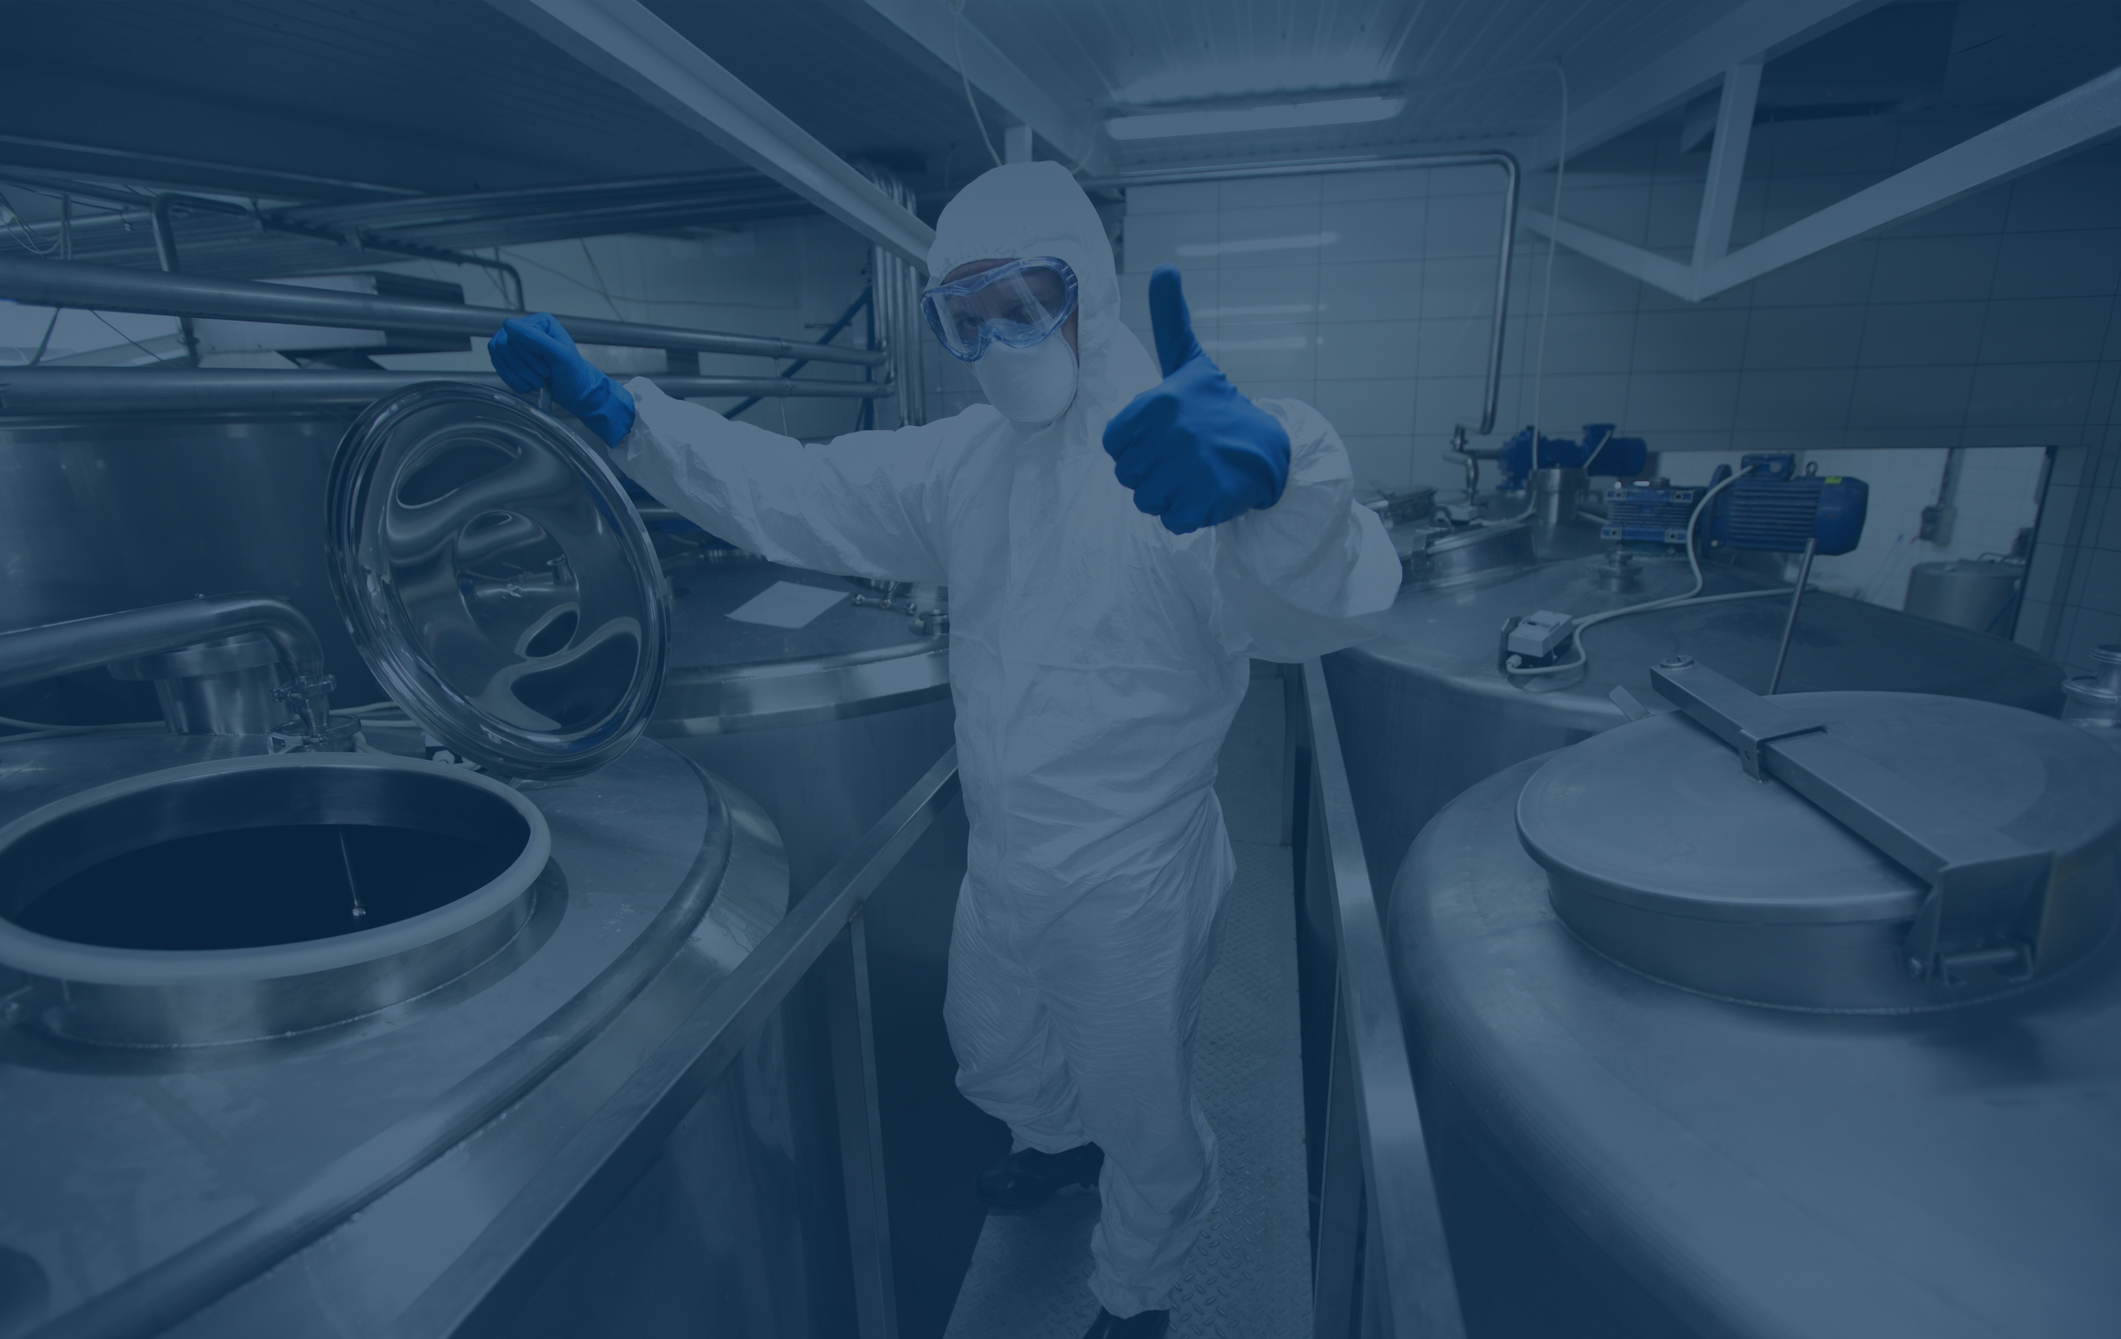 Система пищевой безопасности на основе принципов ХАССП и требований стандарта FSSC 22000